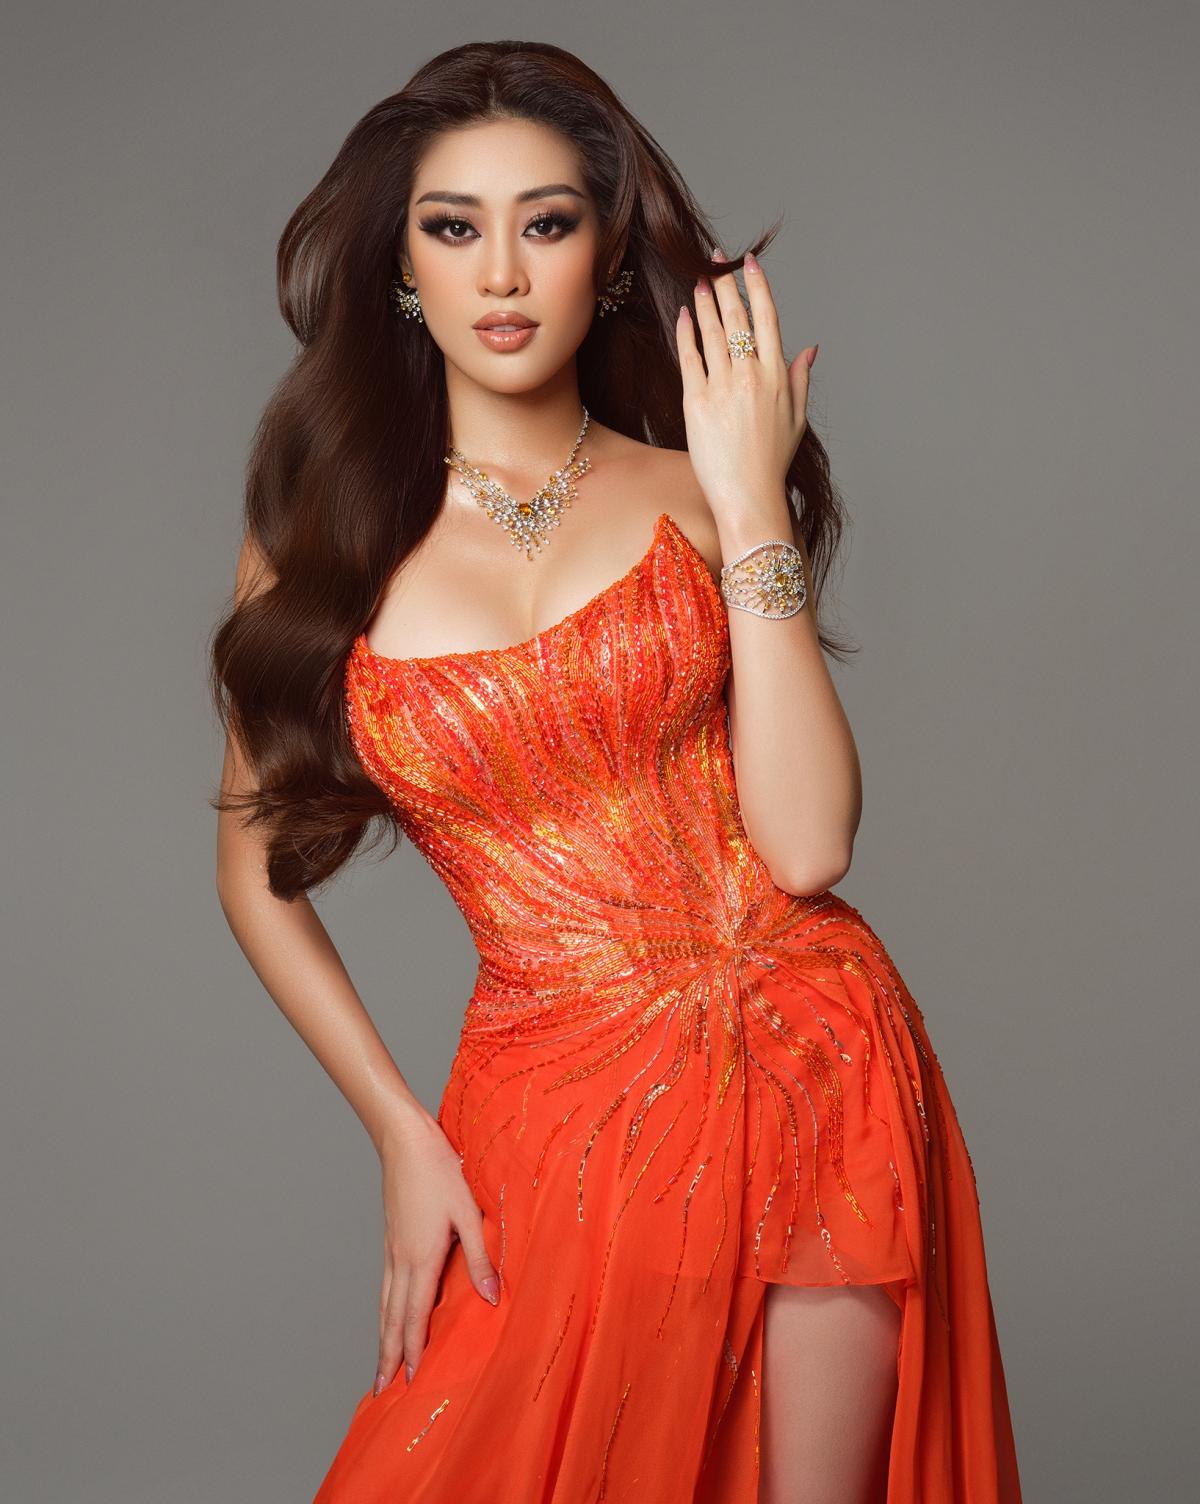 Bên cạnh đó, với gam màu cam nổi bật, Khánh Vân khéo lồng ghép thông điệp ý nghĩa về gia đình và cộng đồng.